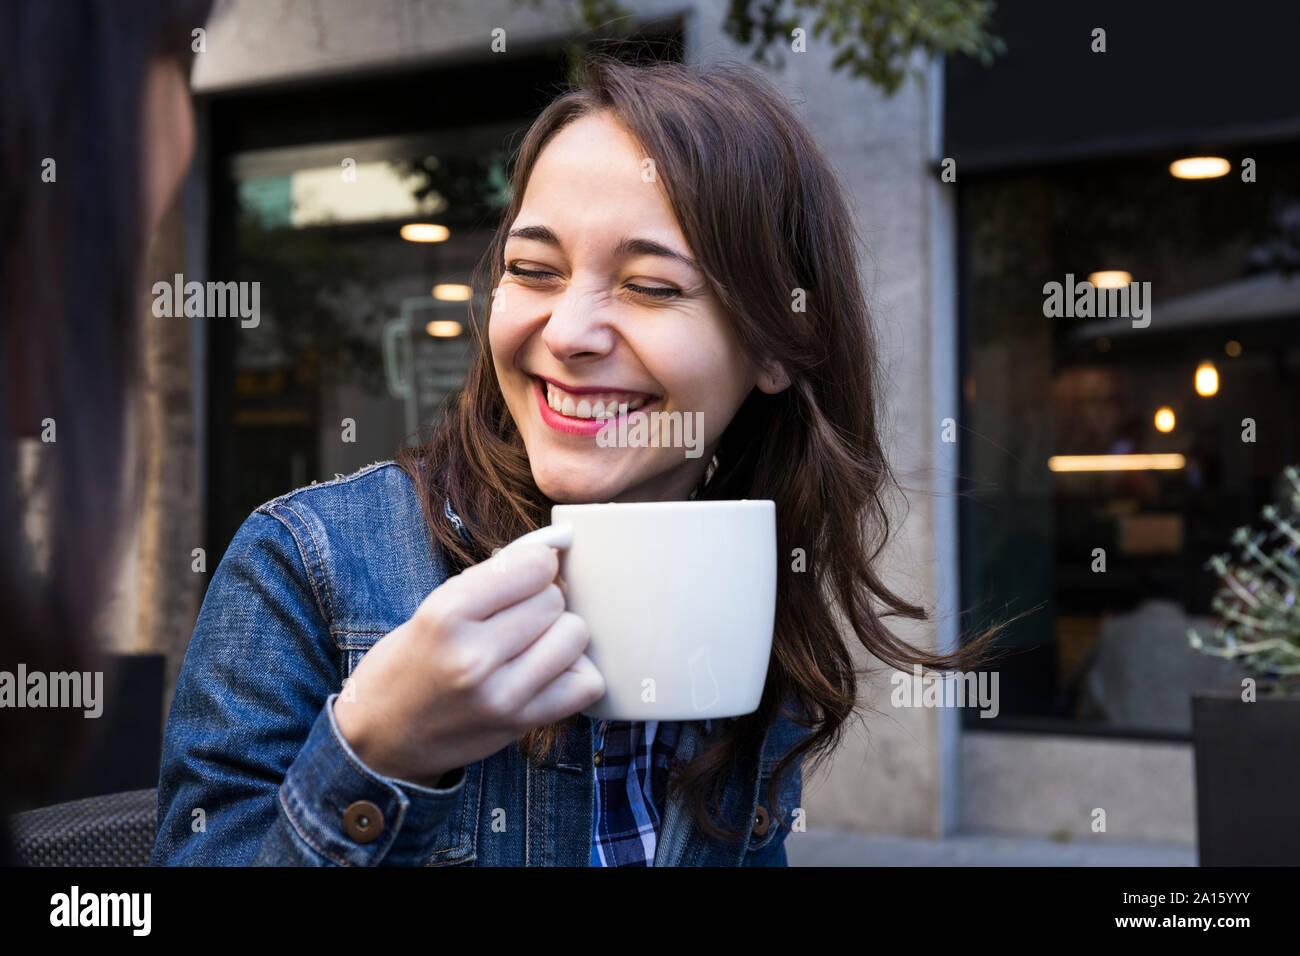 Happy young woman laughing with eyes closed et holding Coffee cup de café à l'extérieur de Madrid, Espagne Banque D'Images